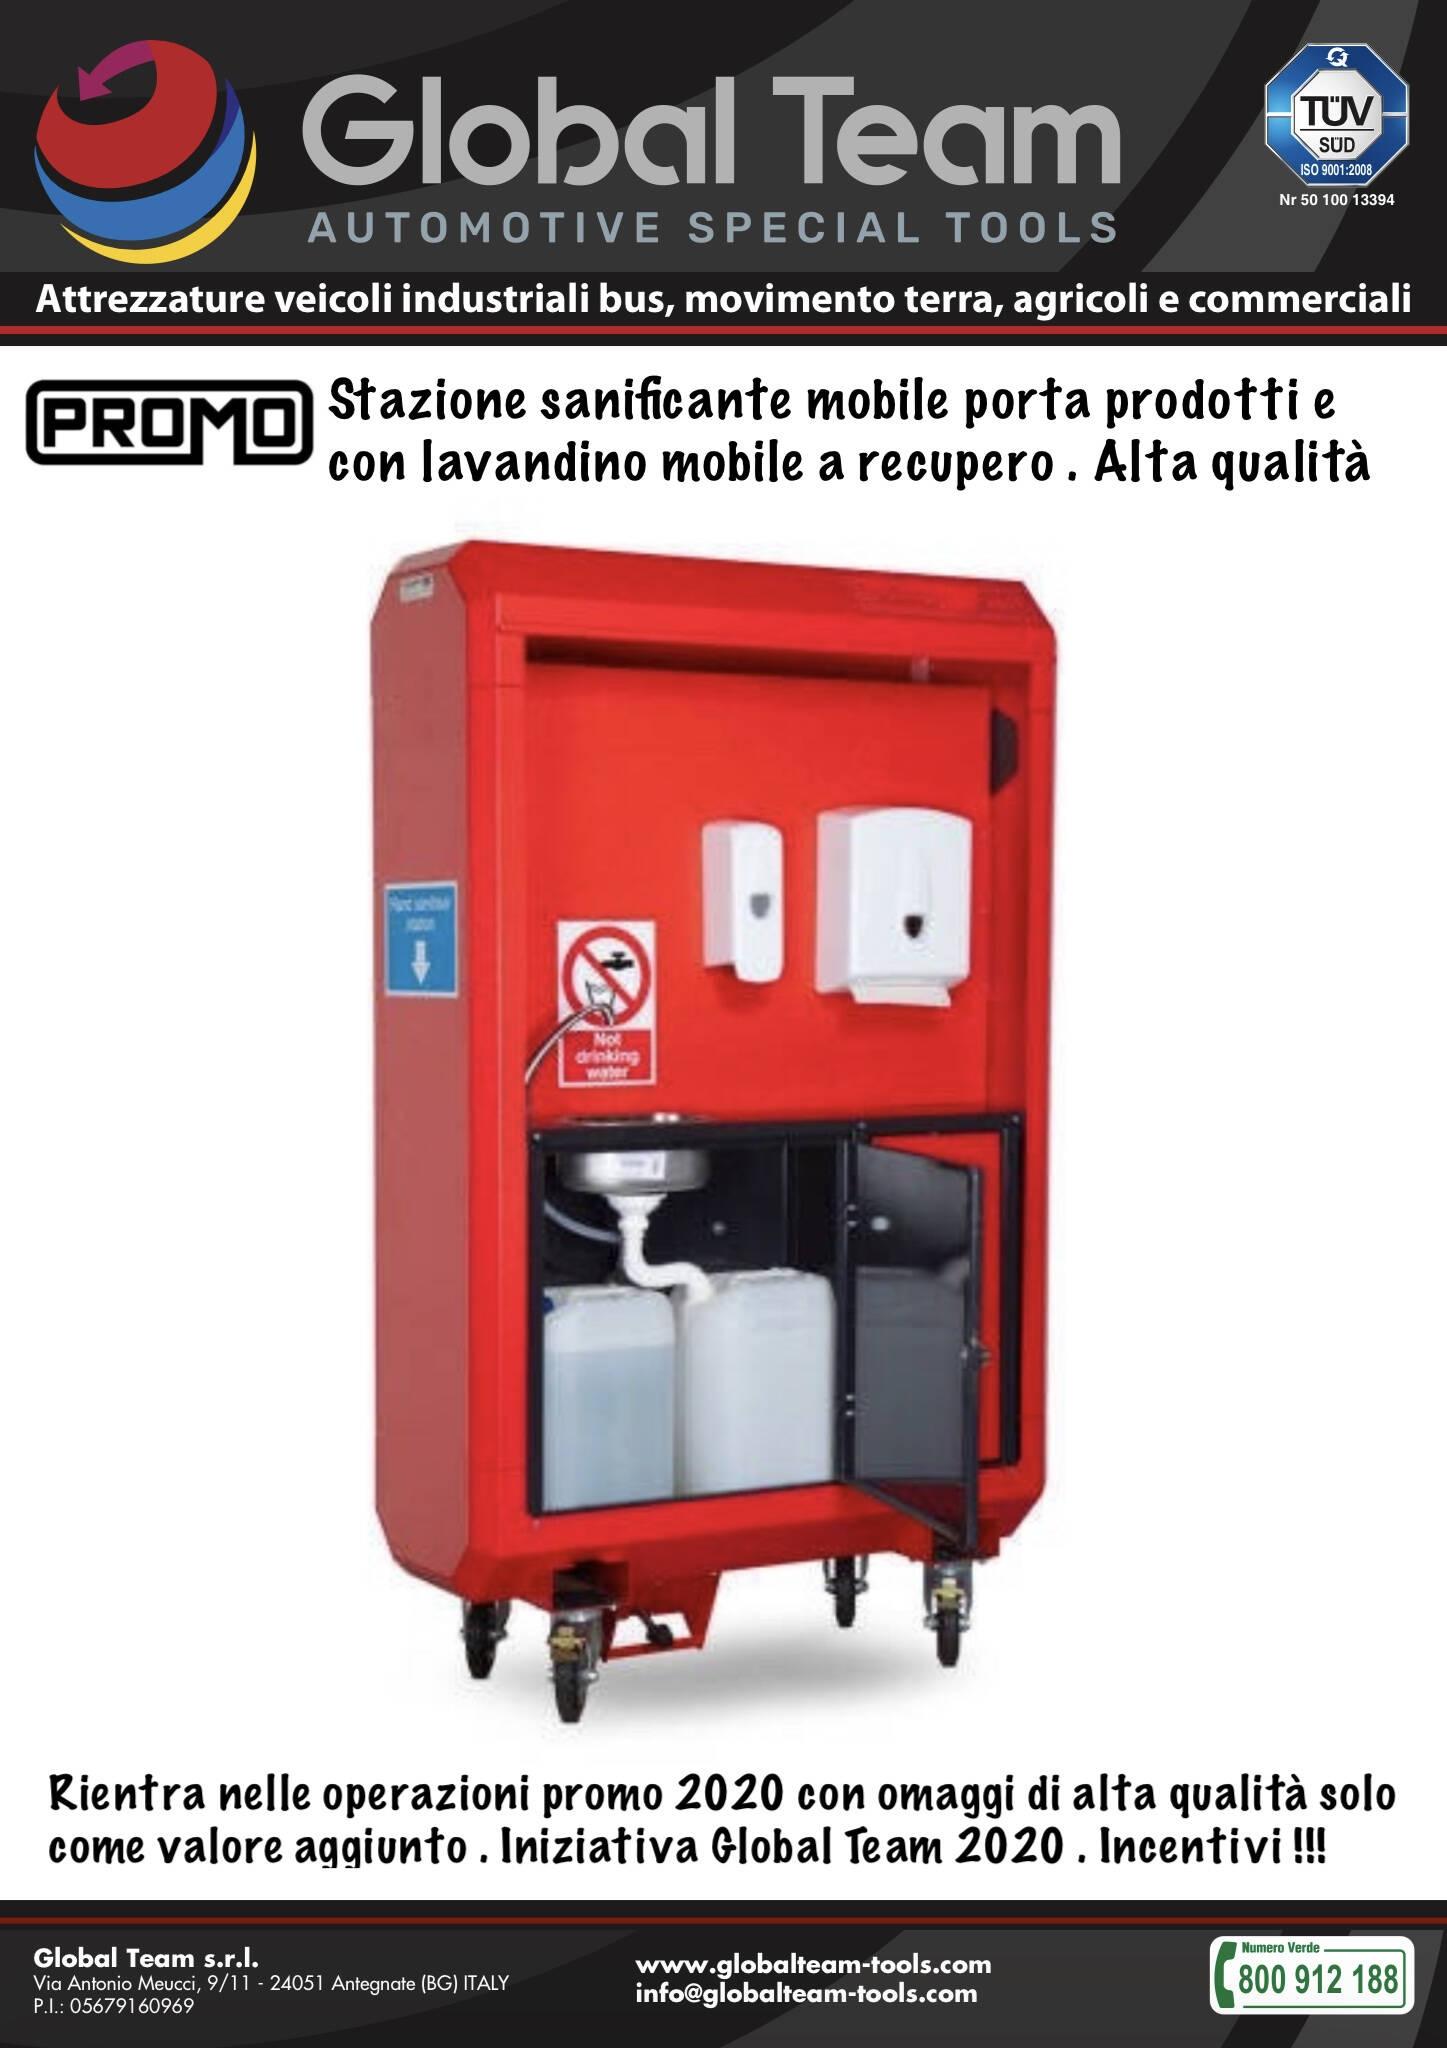 Armadio mobile a rubinetto con recupero acque per zona sanificante certificata in officine veicoli industriali ed industria . Alta qualità